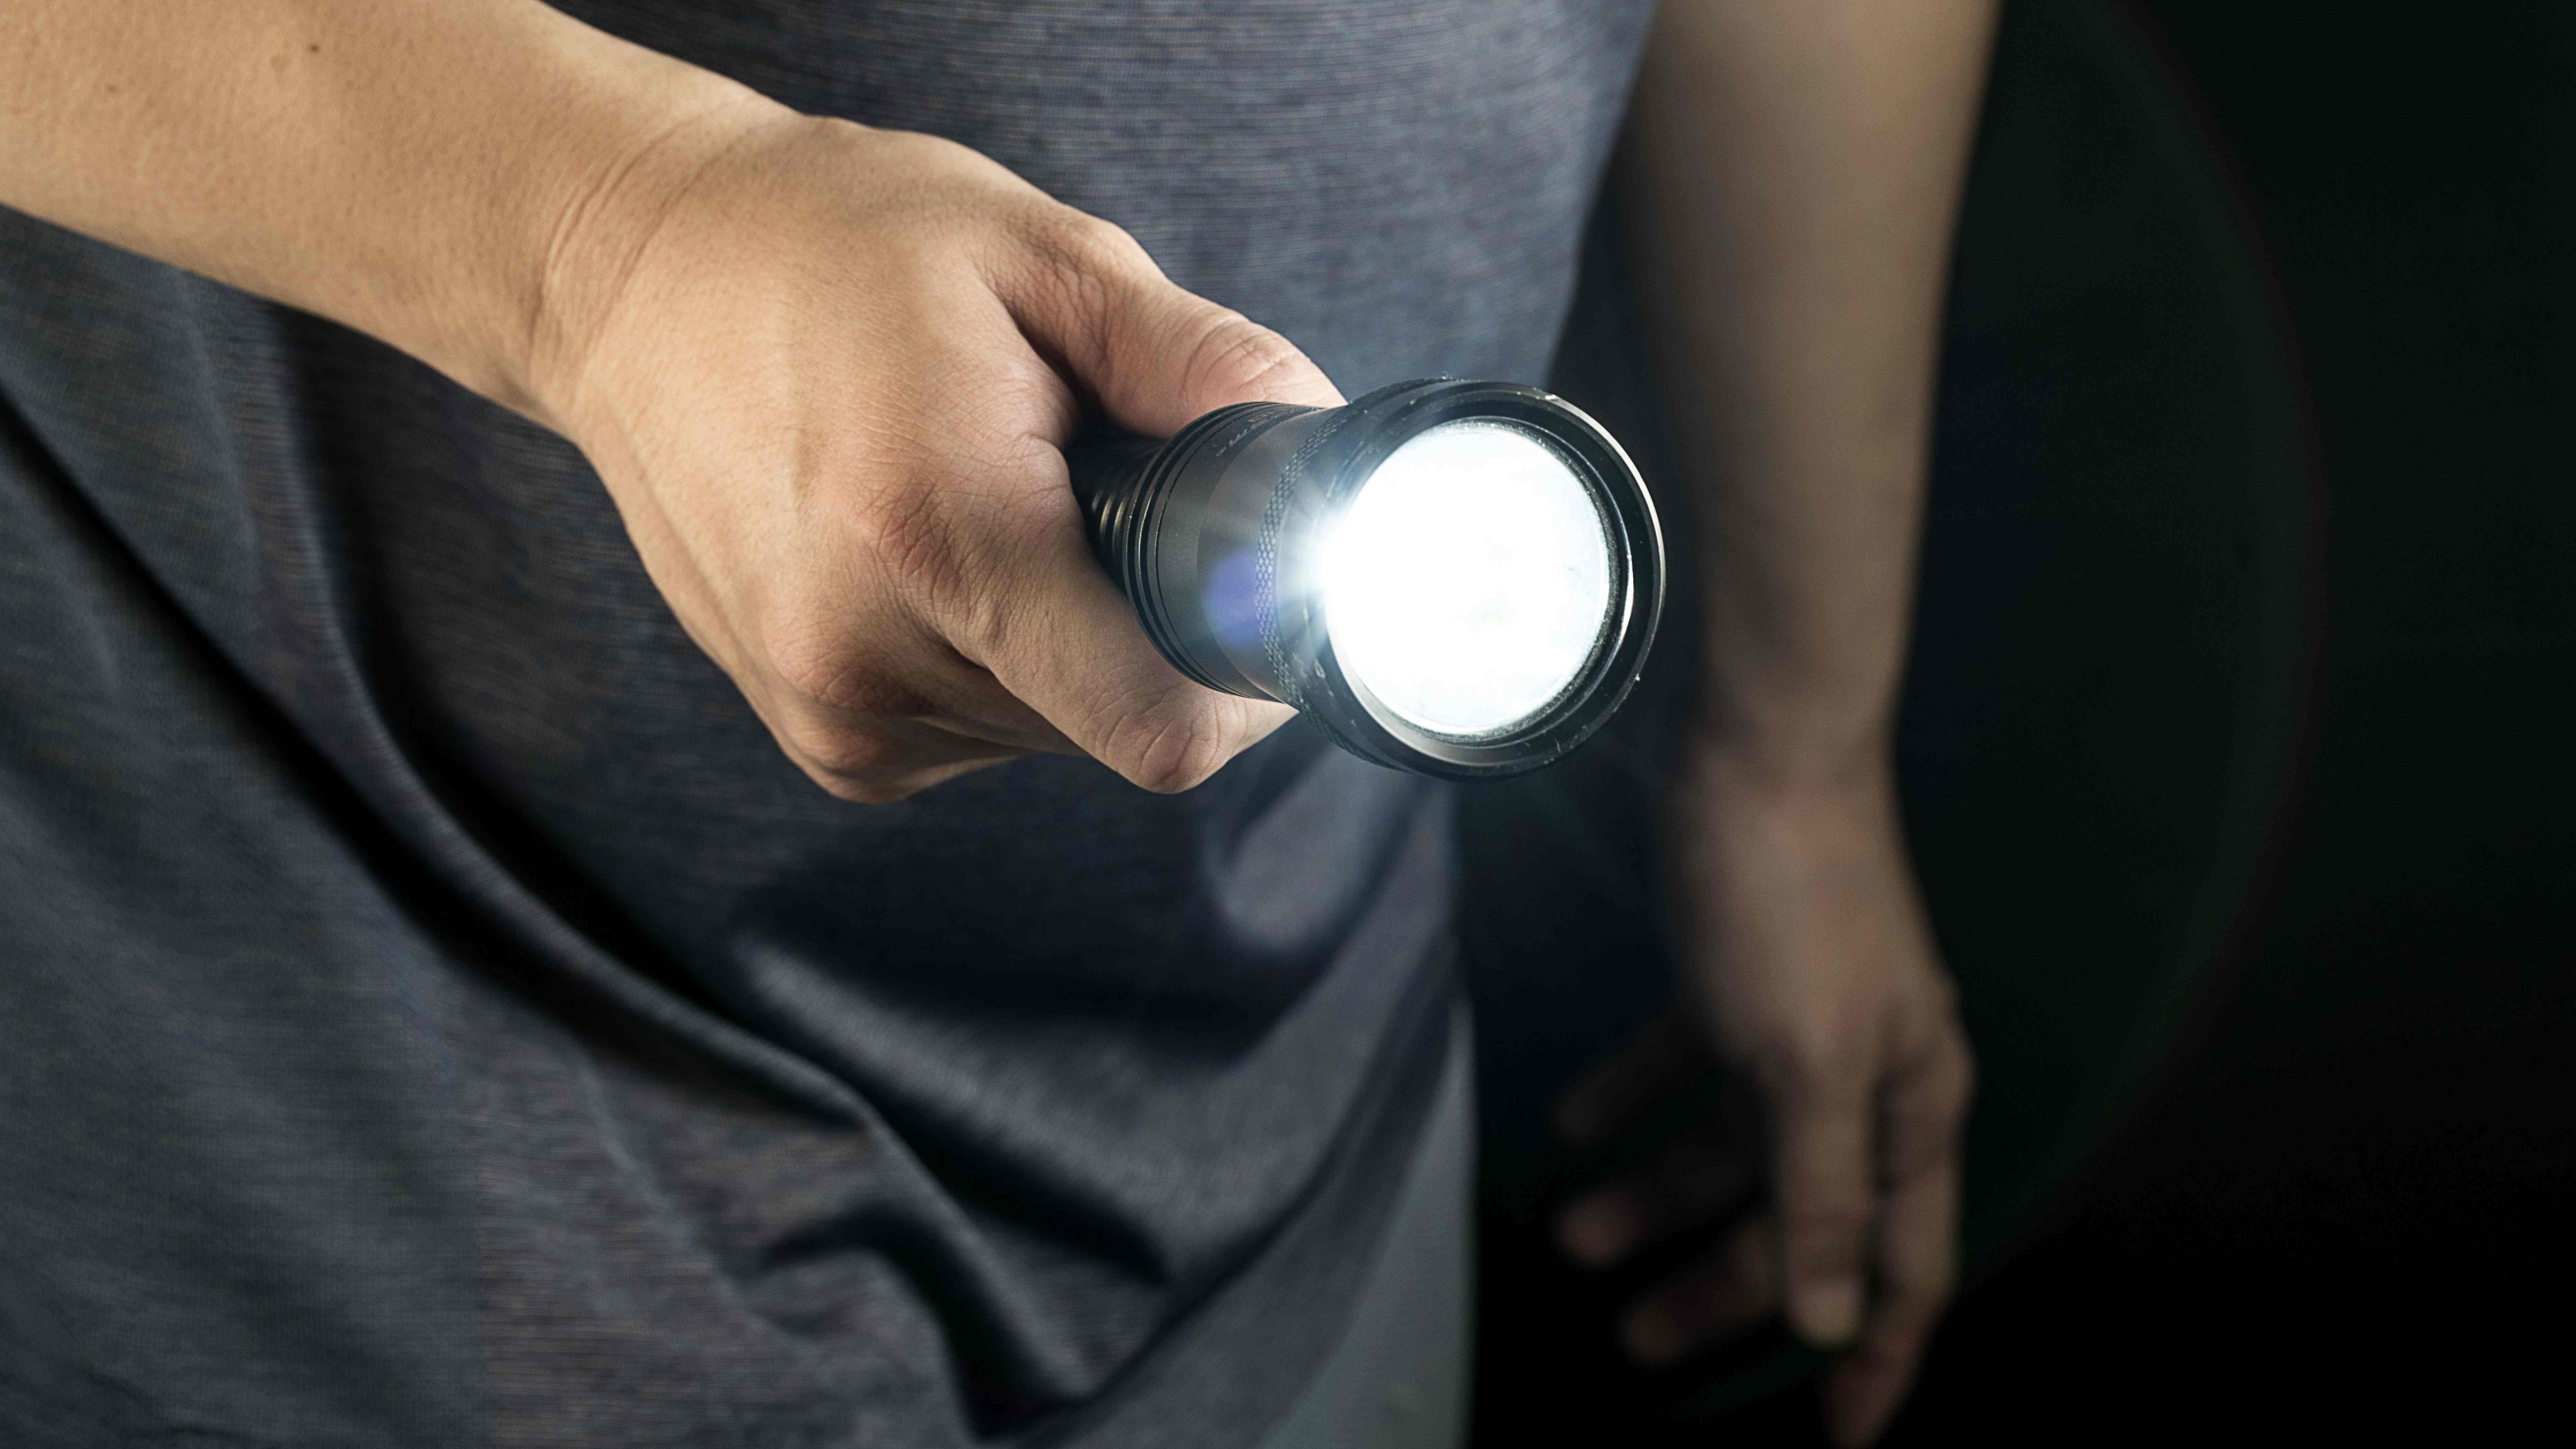 Come scegliere una lampada portatile?